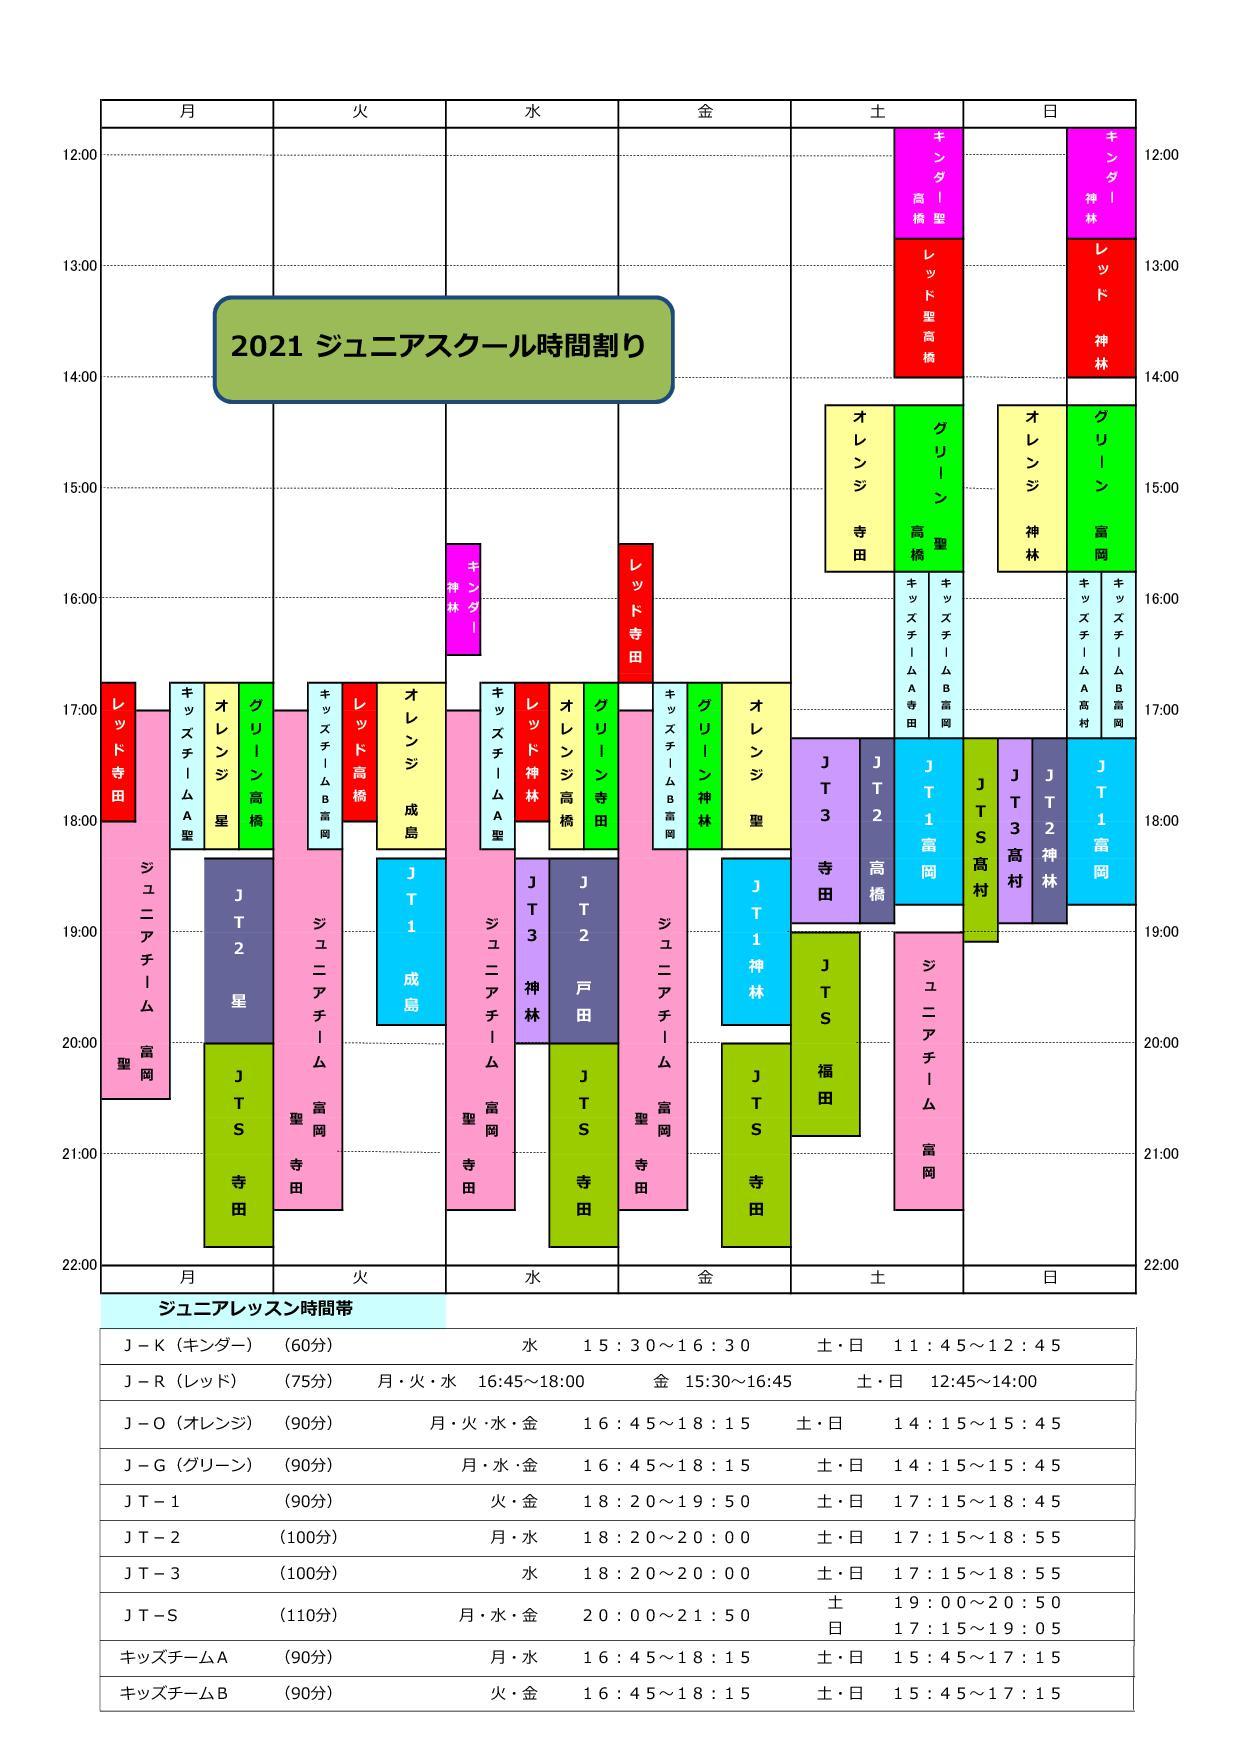 202110ジュニア時間割(コーチ入り)2